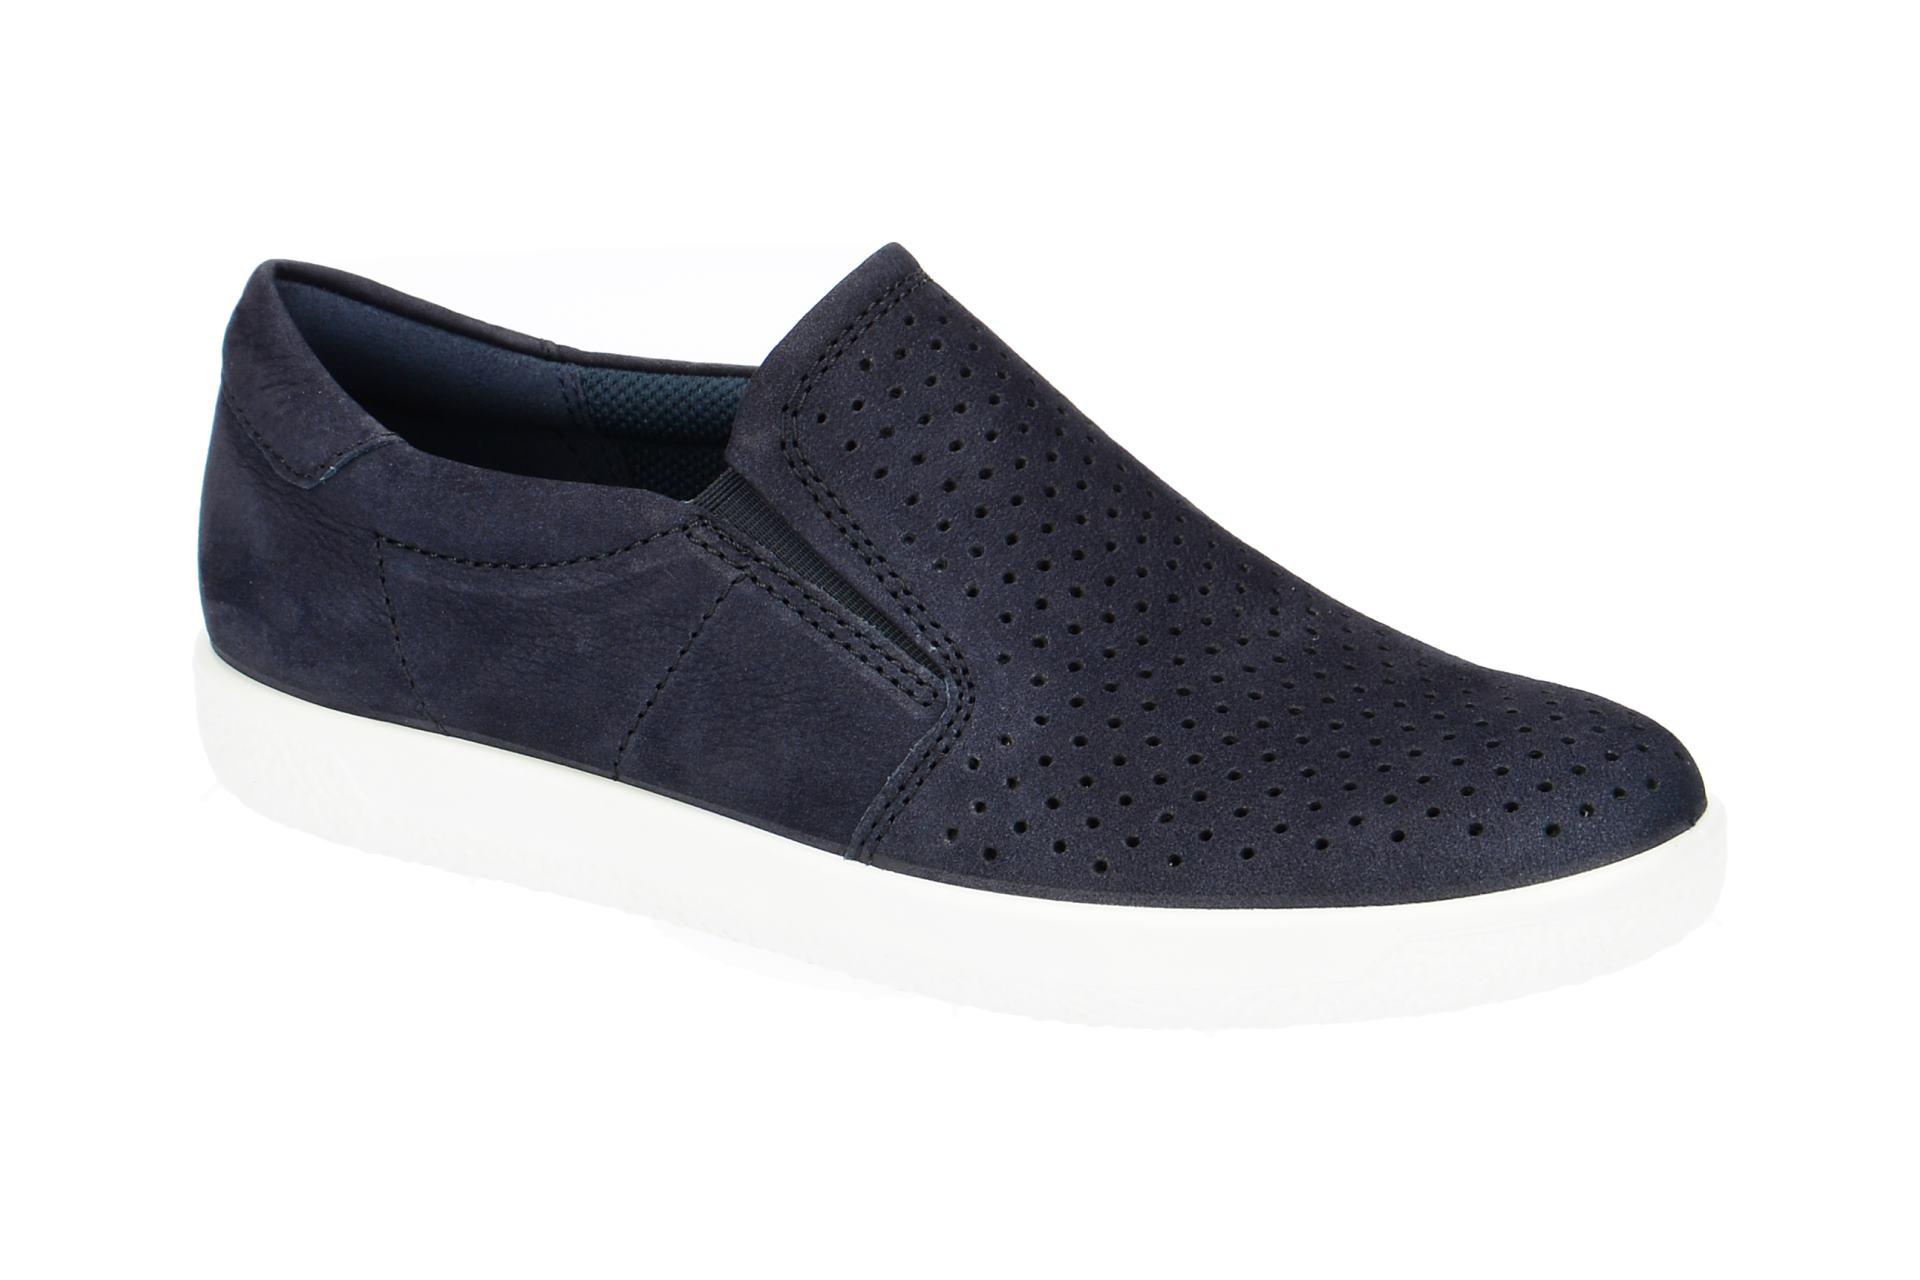 new style 5ae7c 7f6a2 Details zu Ecco Schuhe SOFT 1 LADIES blau Damenschuhe sportliche Slipper  40055302303 NEU